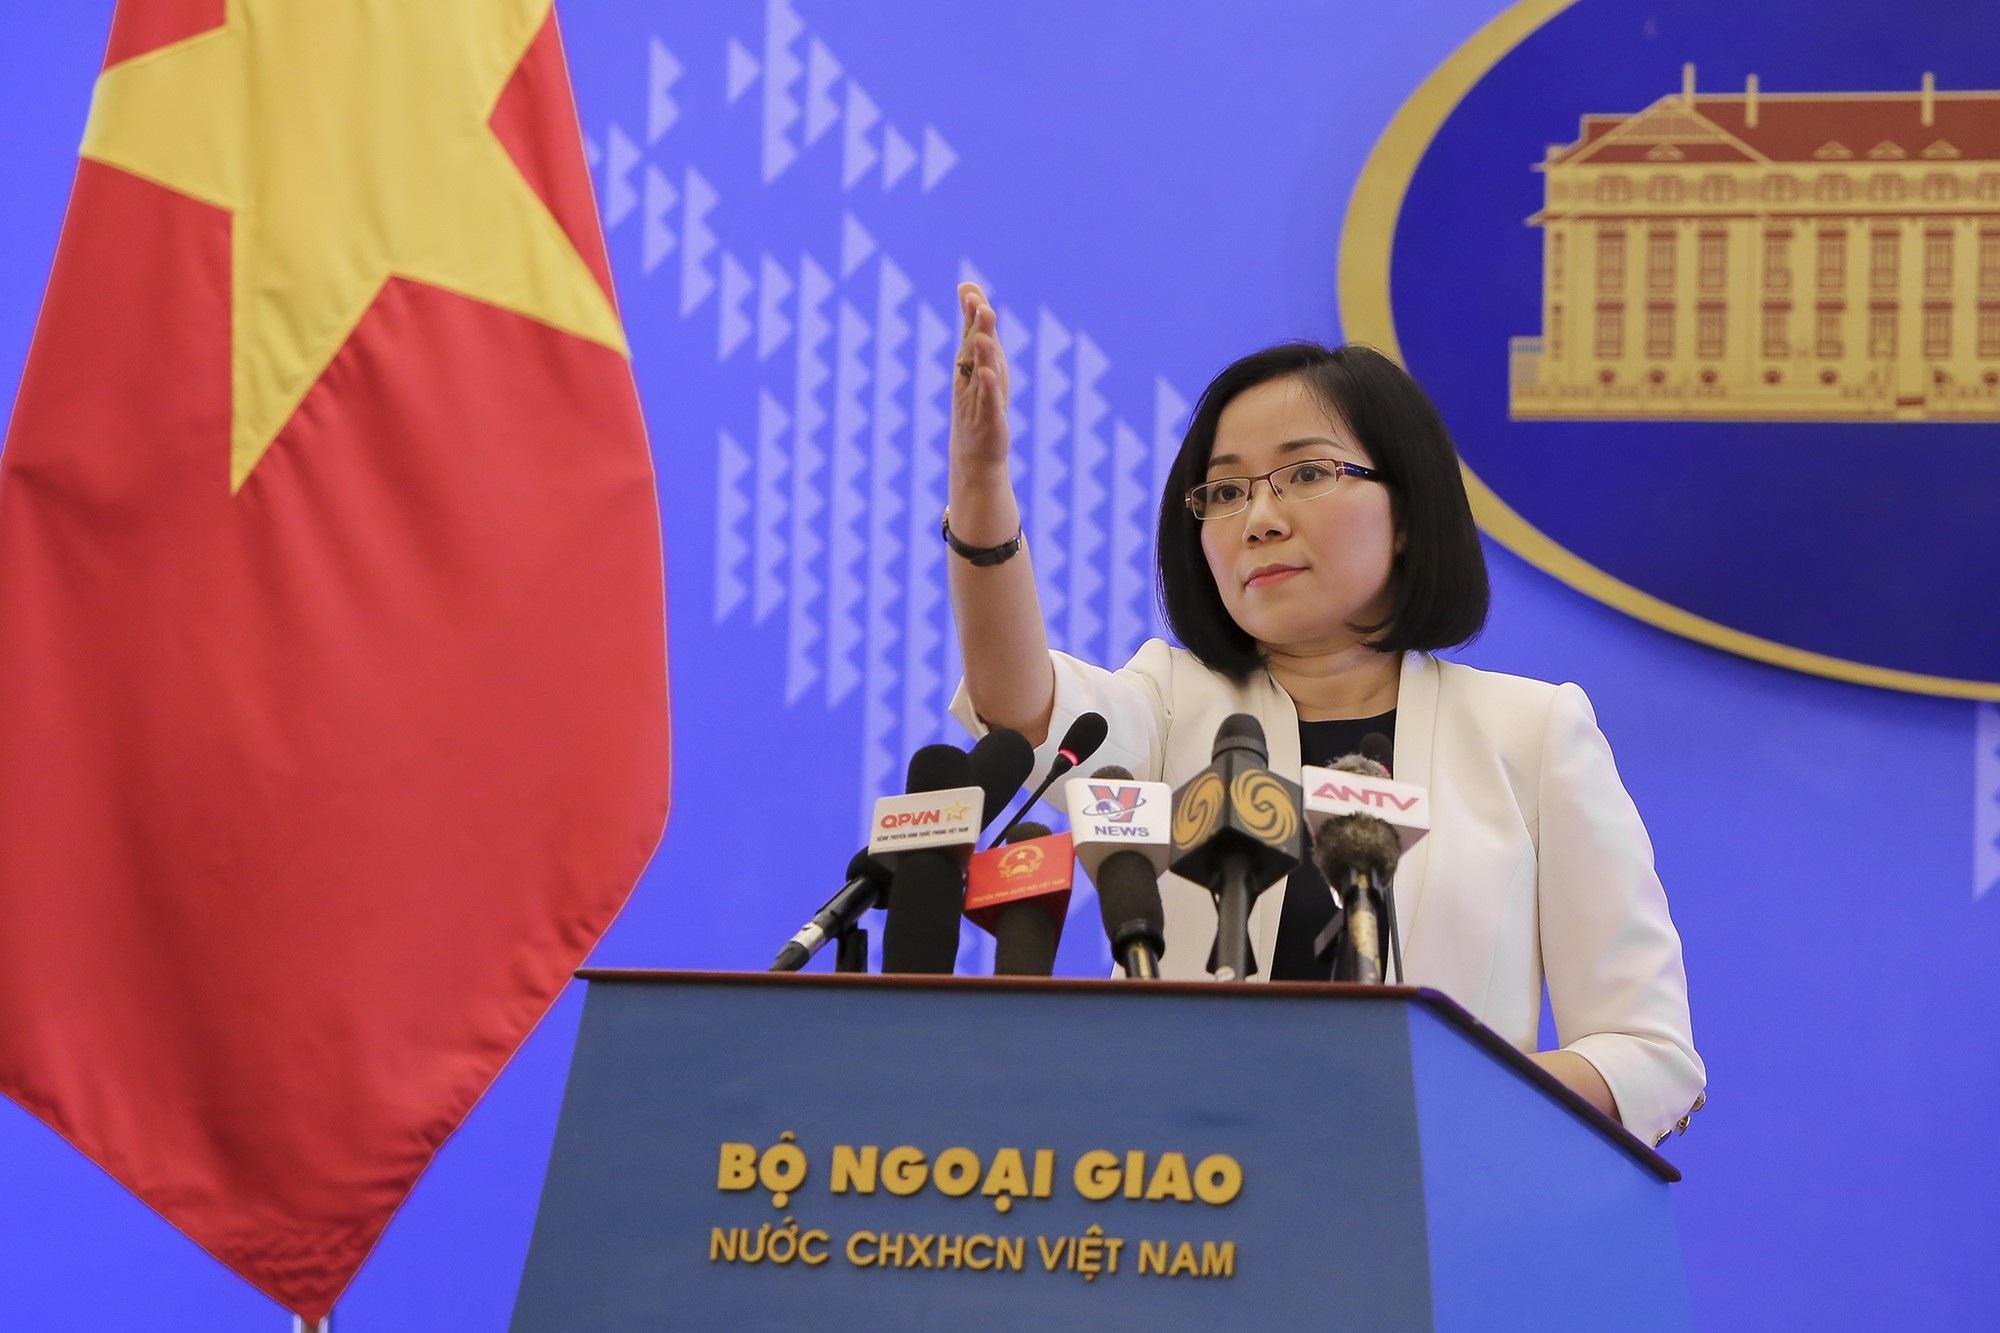 Bất chấp phản đối của Việt Nam, Đài Loan diễn tập bắn đạn thật ở Trường Sa - Ảnh 2.